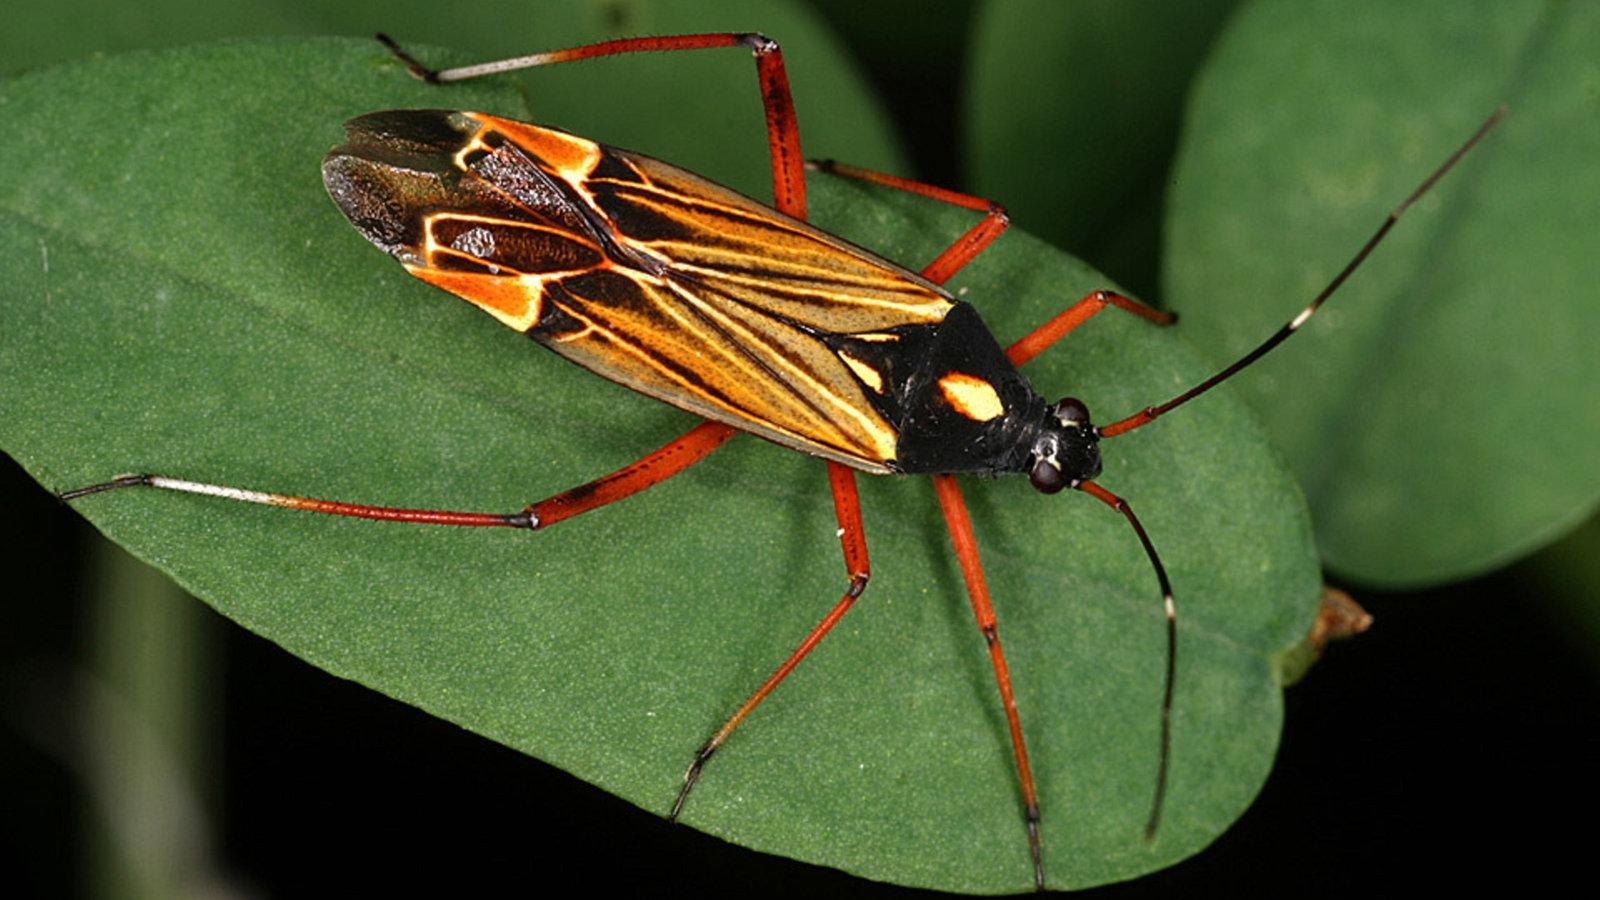 wanzen bildergalerie wanzen insekten und spinnentiere natur planet wissen. Black Bedroom Furniture Sets. Home Design Ideas